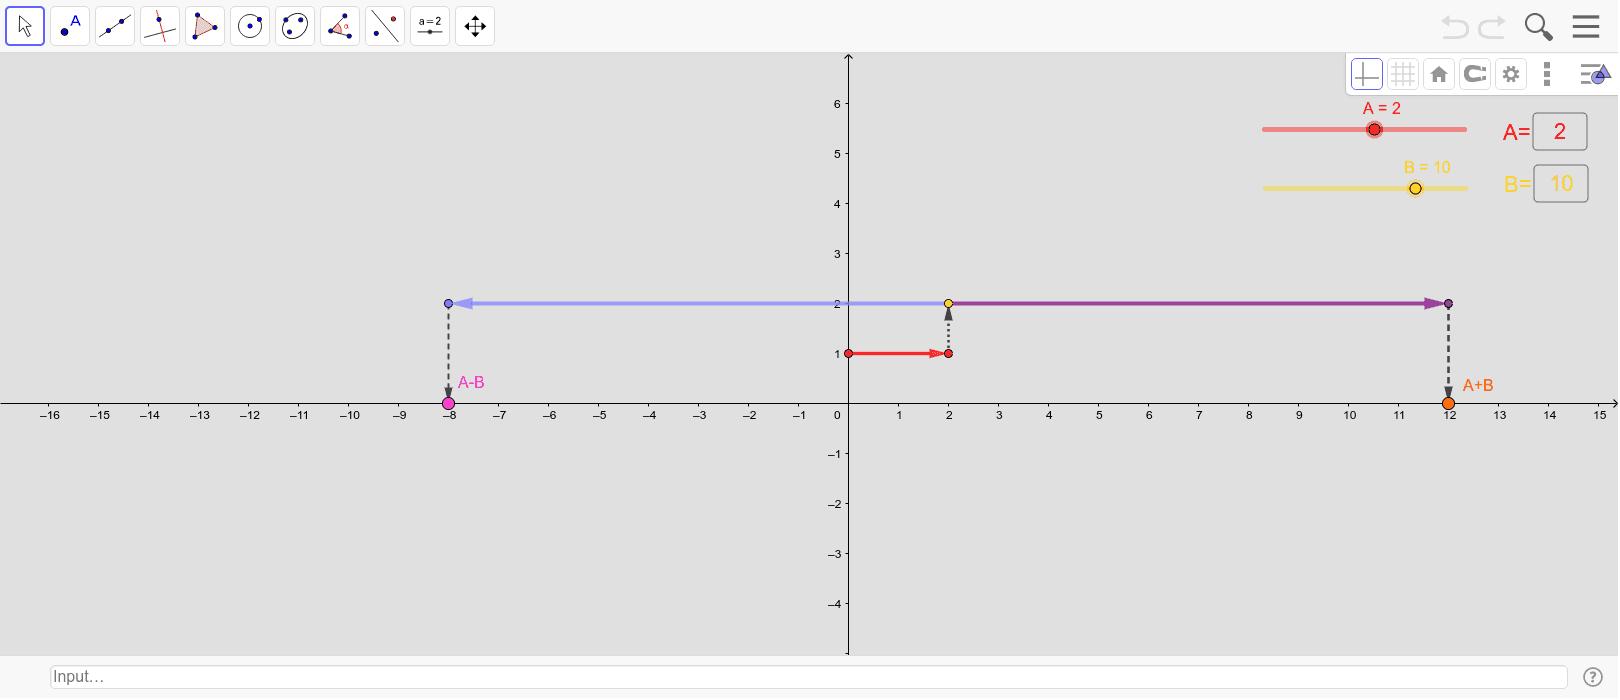 A ve B değerlerini değiştirerek çıkan sonuçları inceleyin Etkinliği başlatmak için Enter'a basın